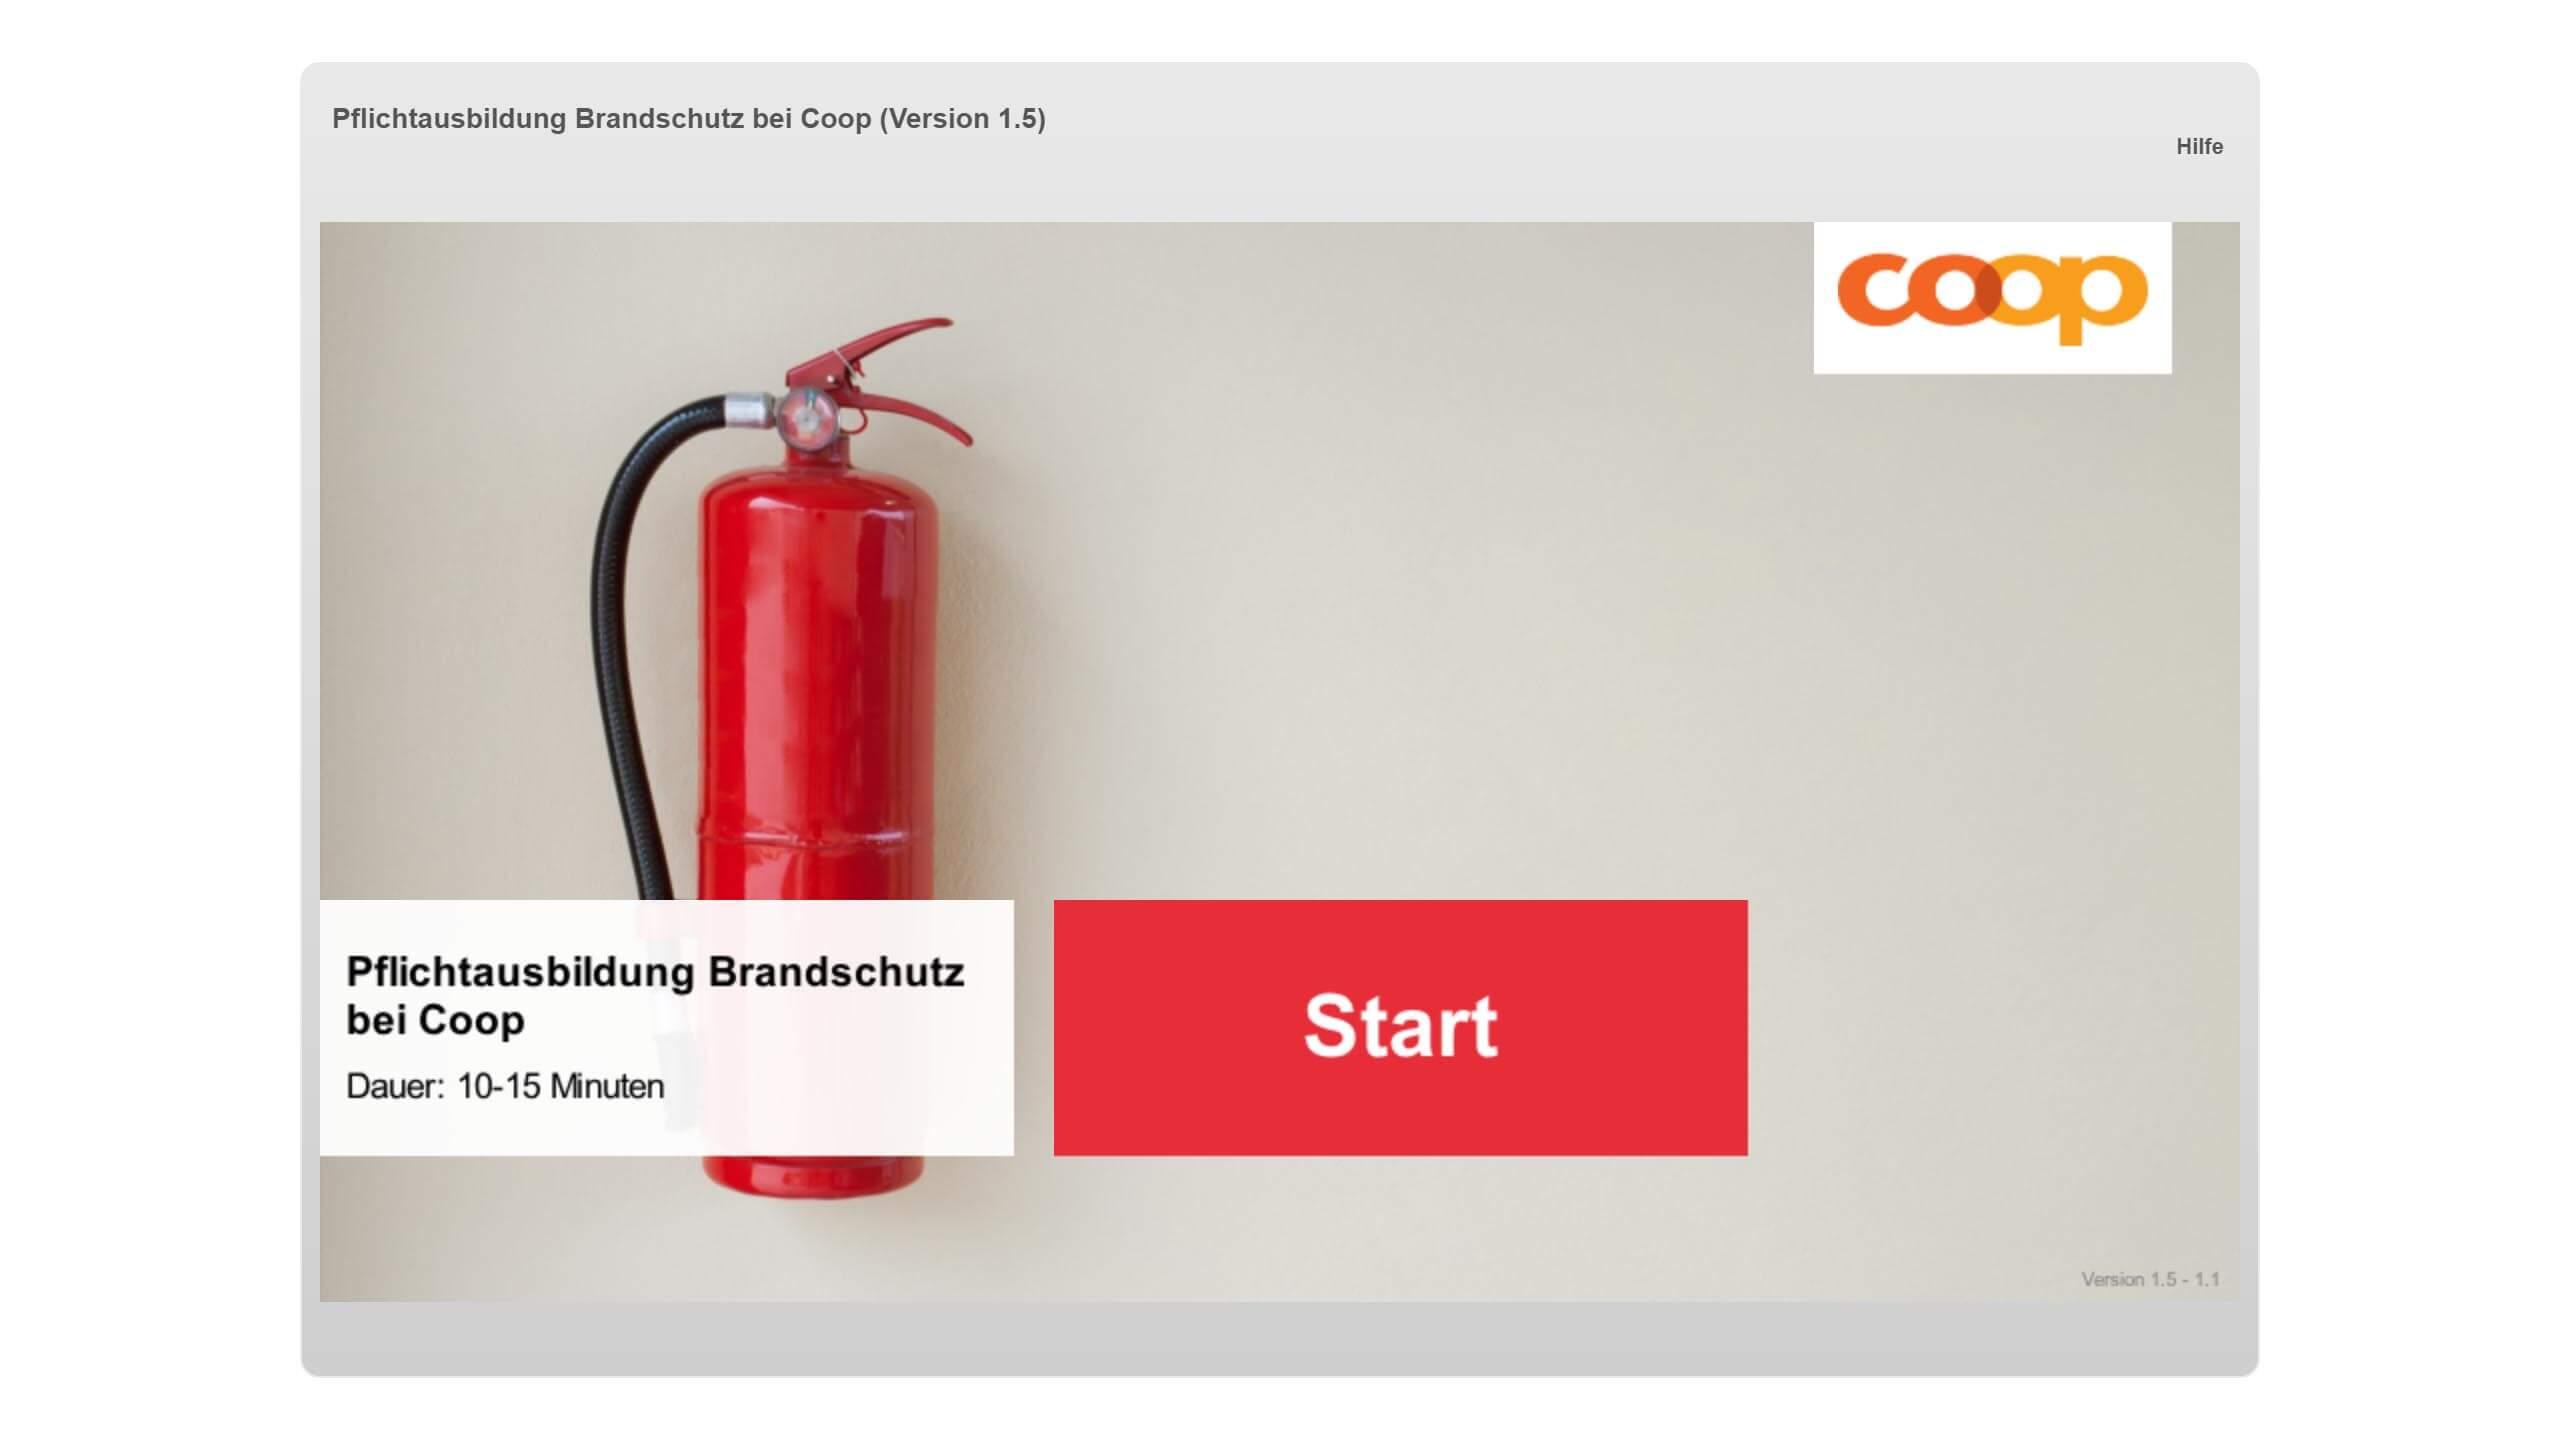 Brandschutz Coop